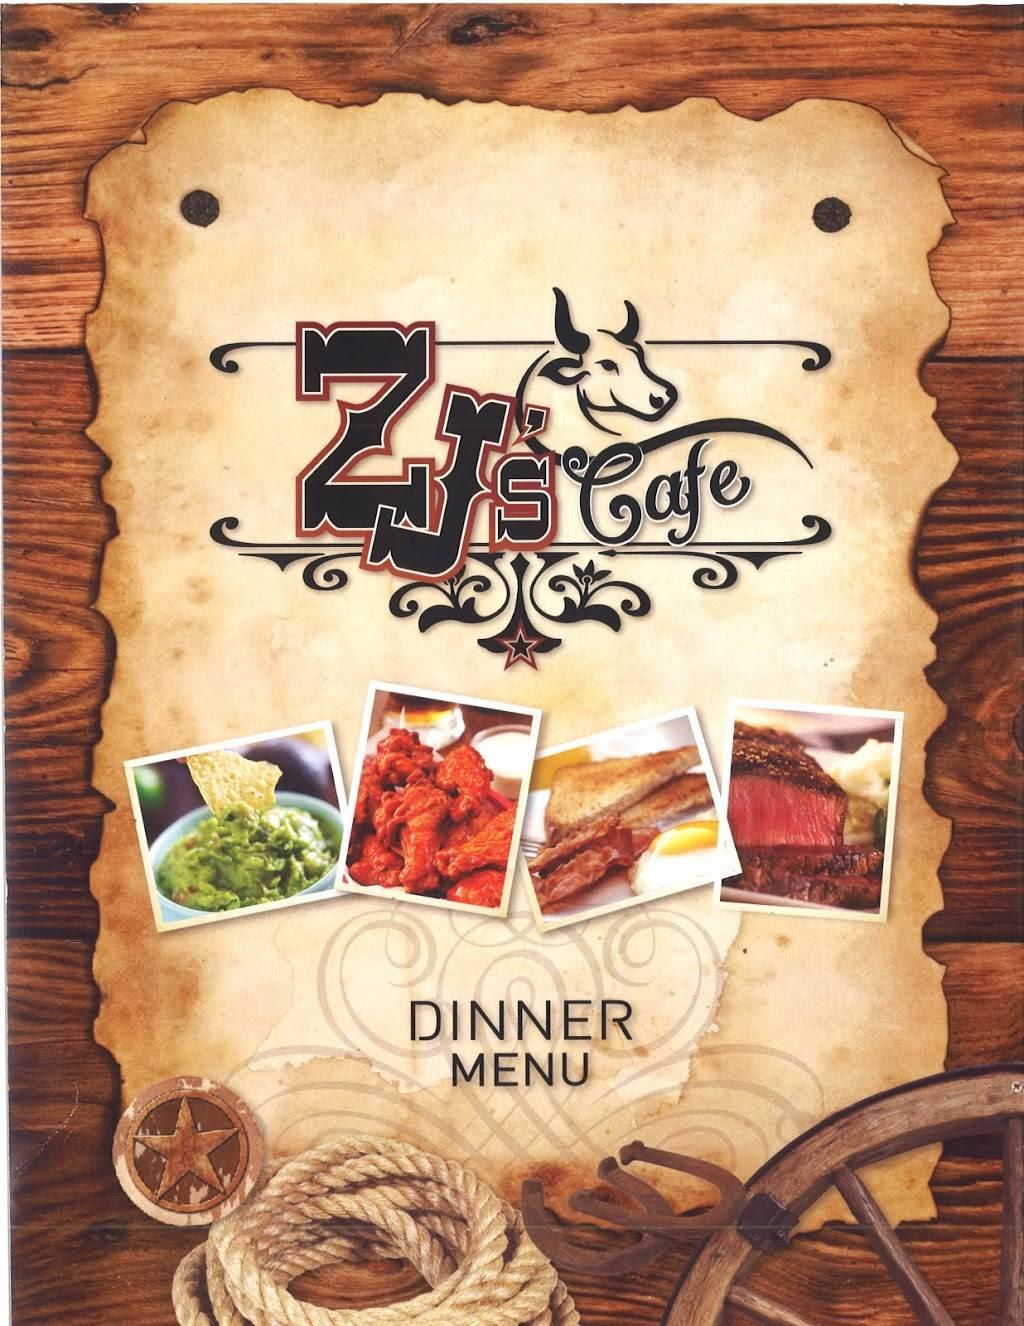 Zjs Cafe & Bar   cafe   107 S Kent St, Gorman, TX 76454, USA   2547344976 OR +1 254-734-4976